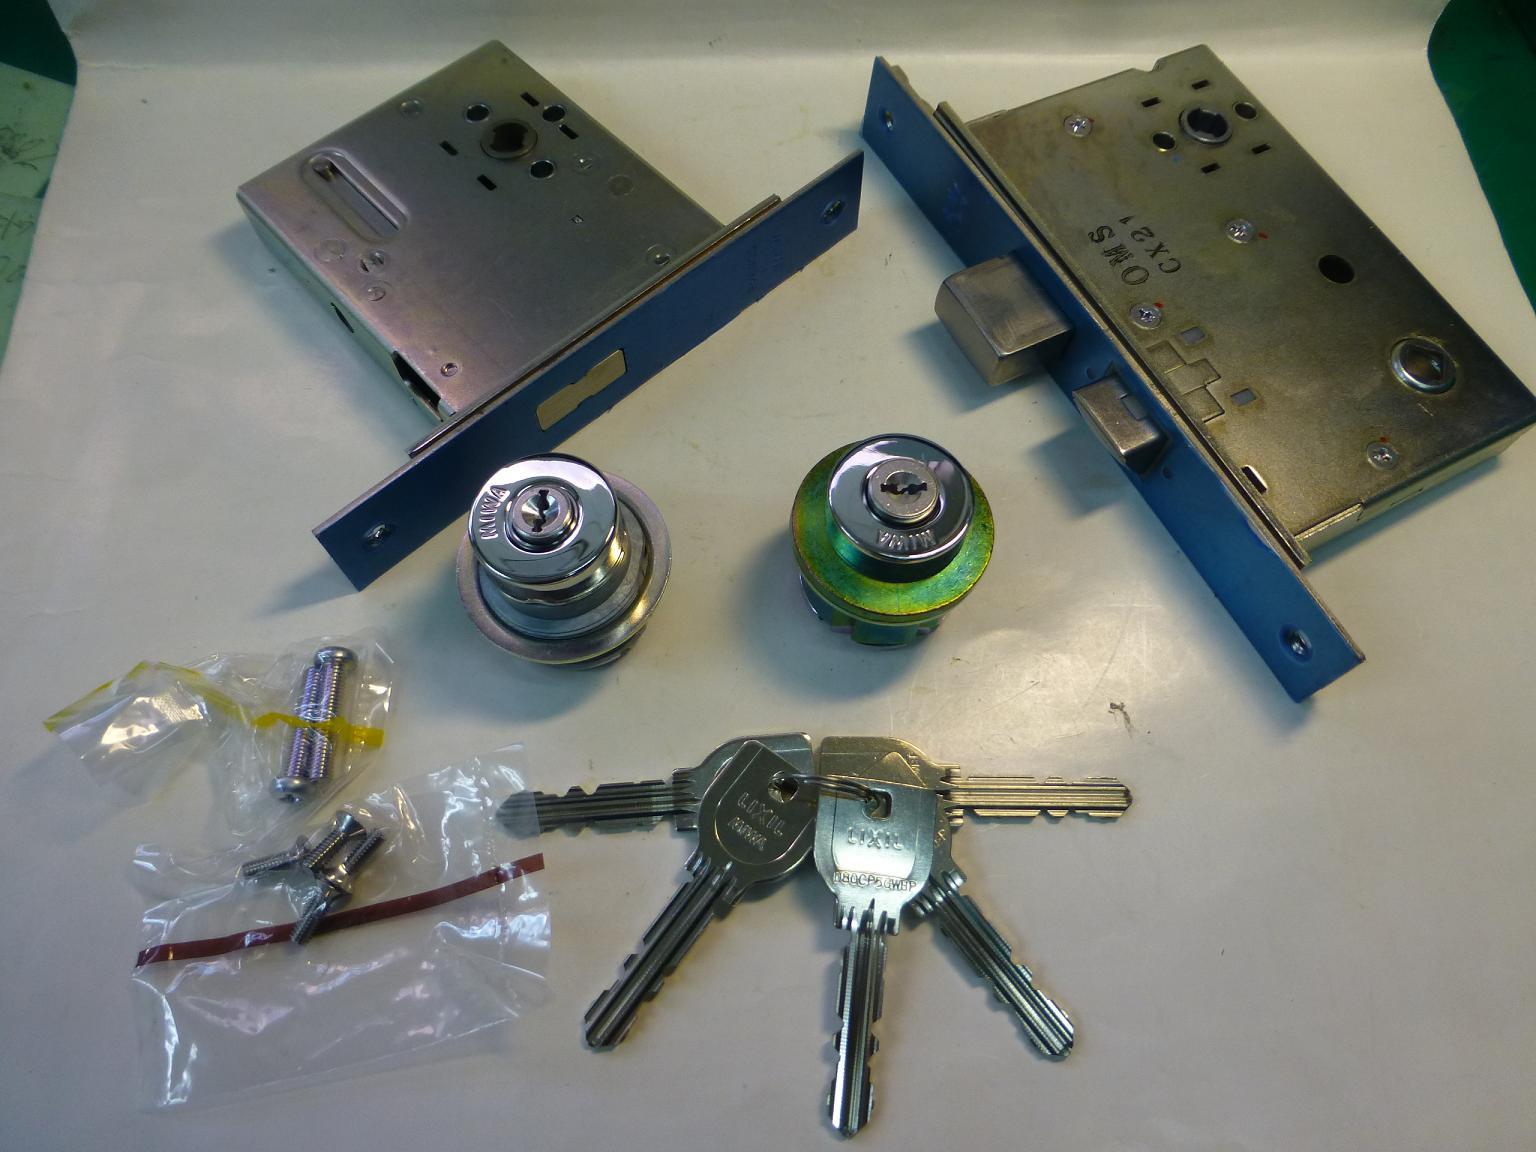 MIWA トステム交換シリンダー MCY-460 これはシリンダーのみはありません錠ケースとセットです